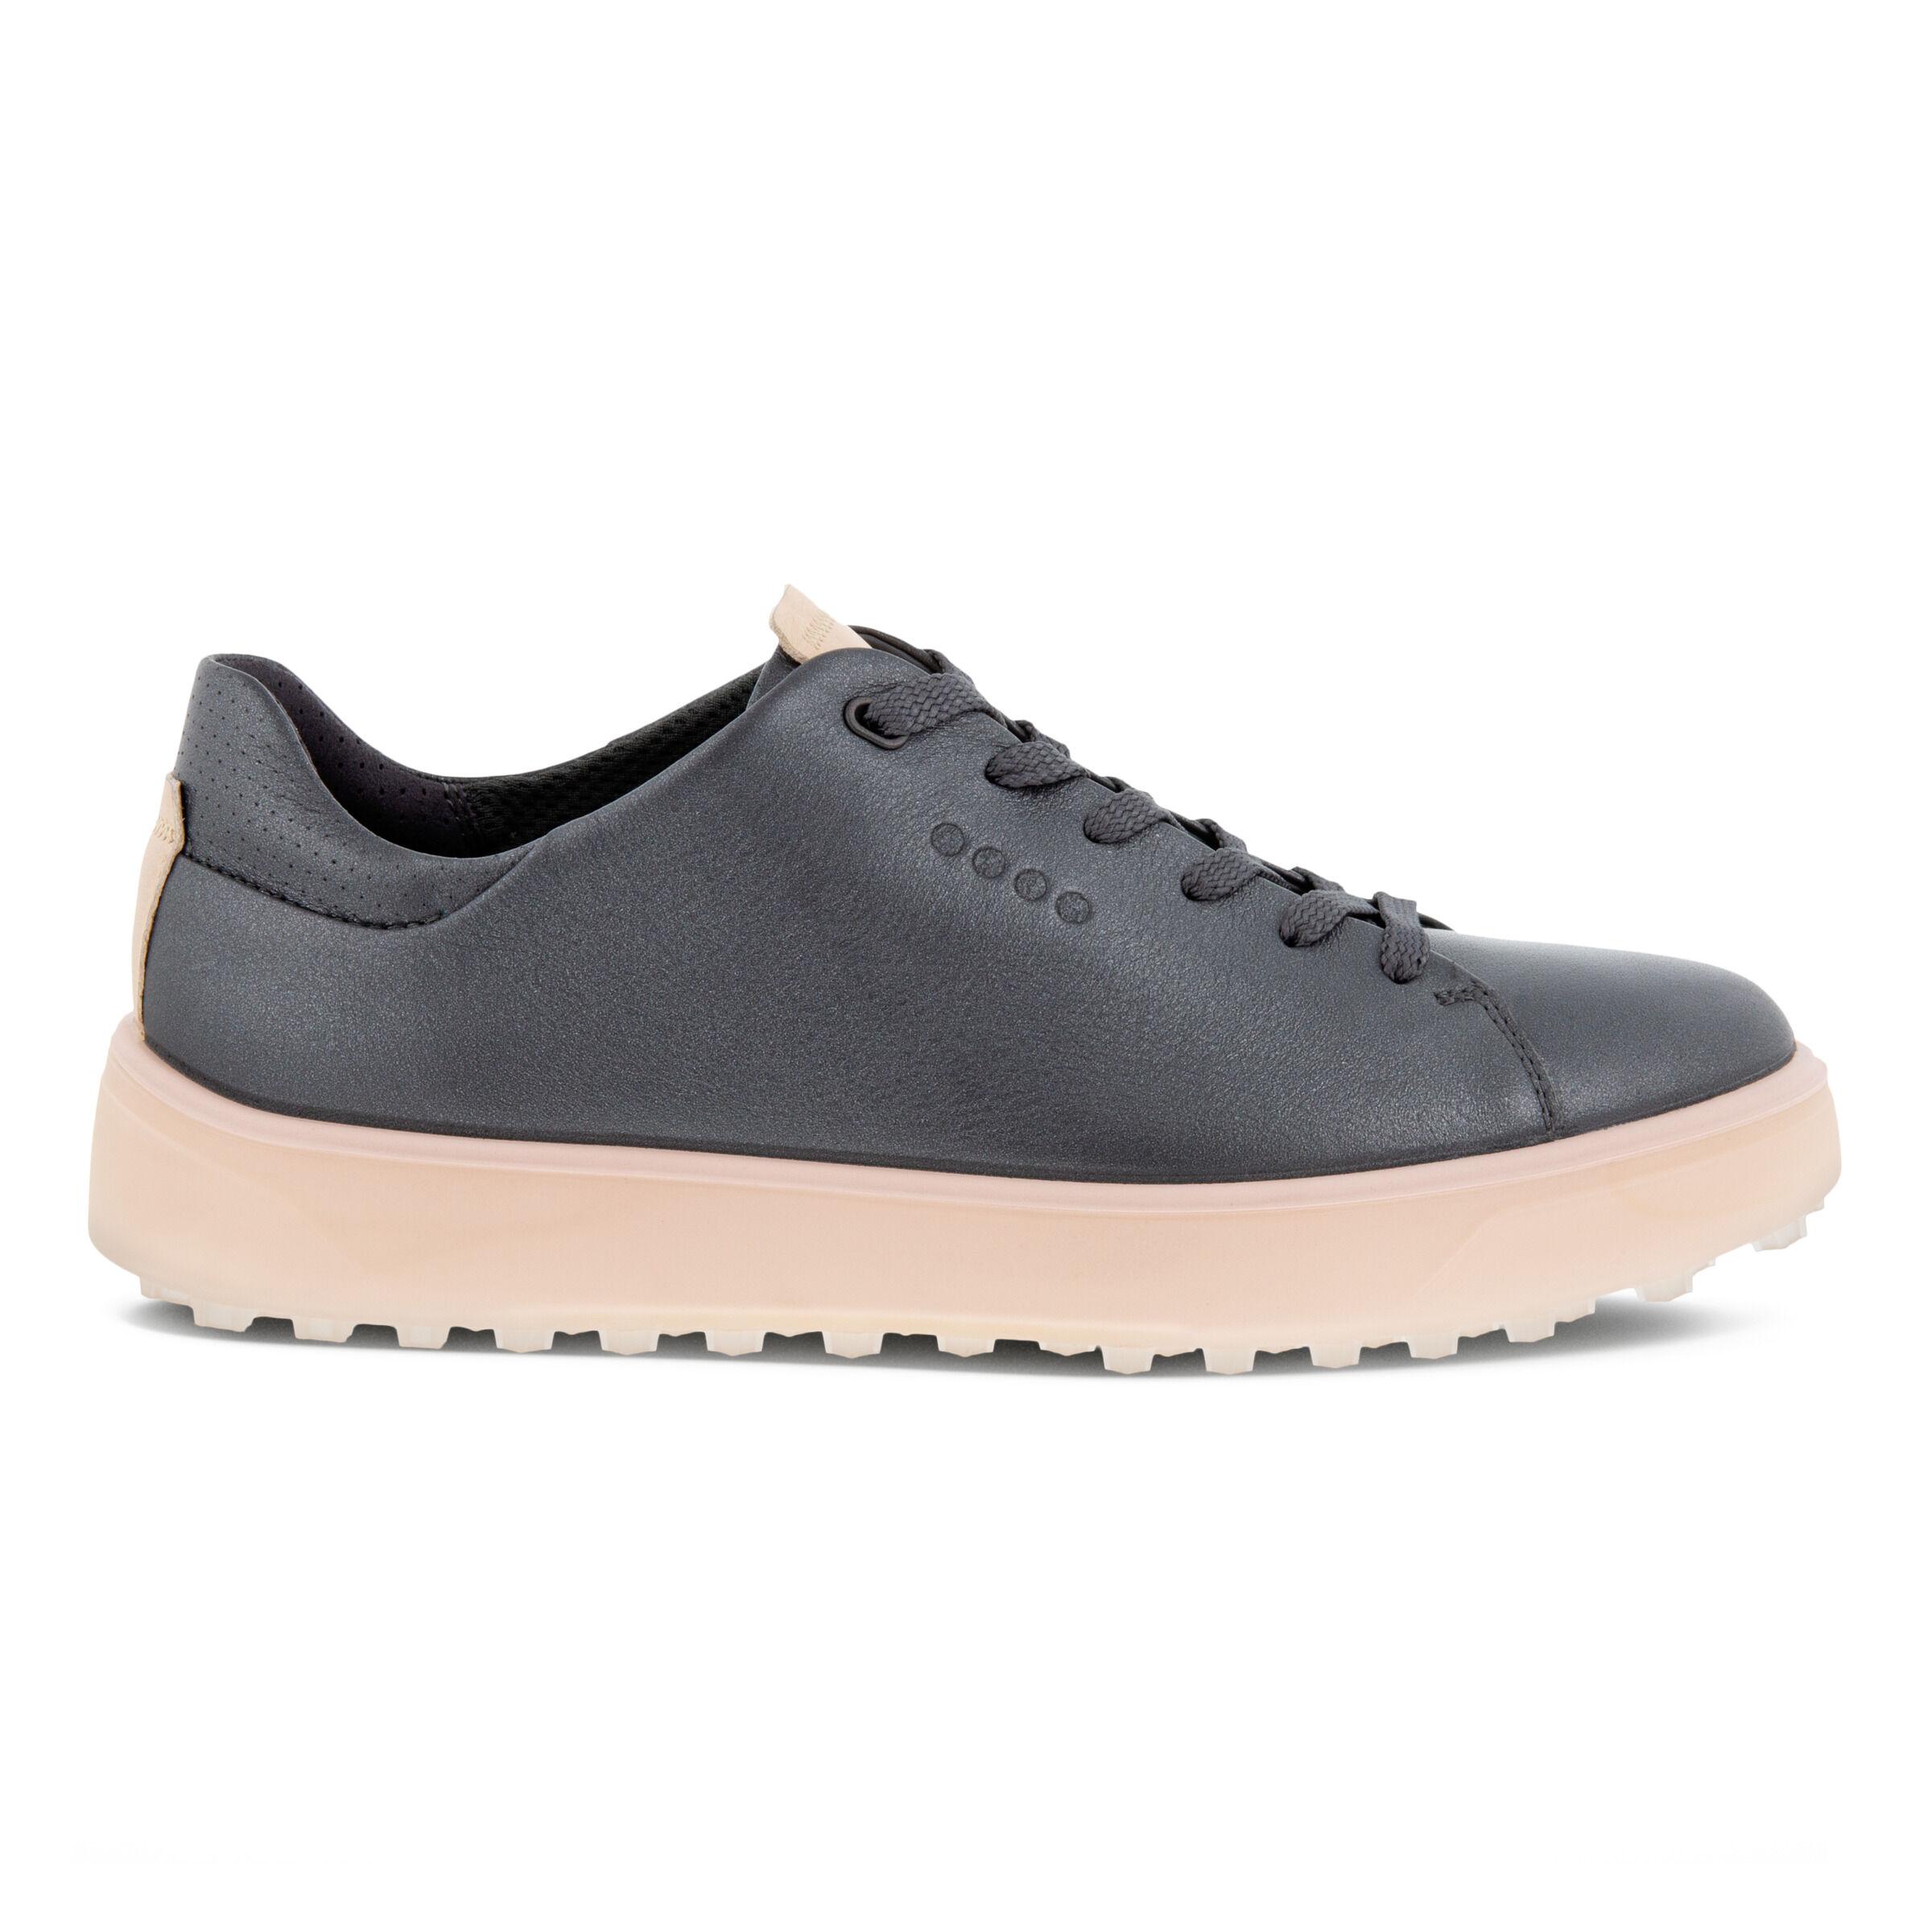 에코 우먼 골프화 ECCO Womens GOLF TRAY Laced Shoes,MAGNET